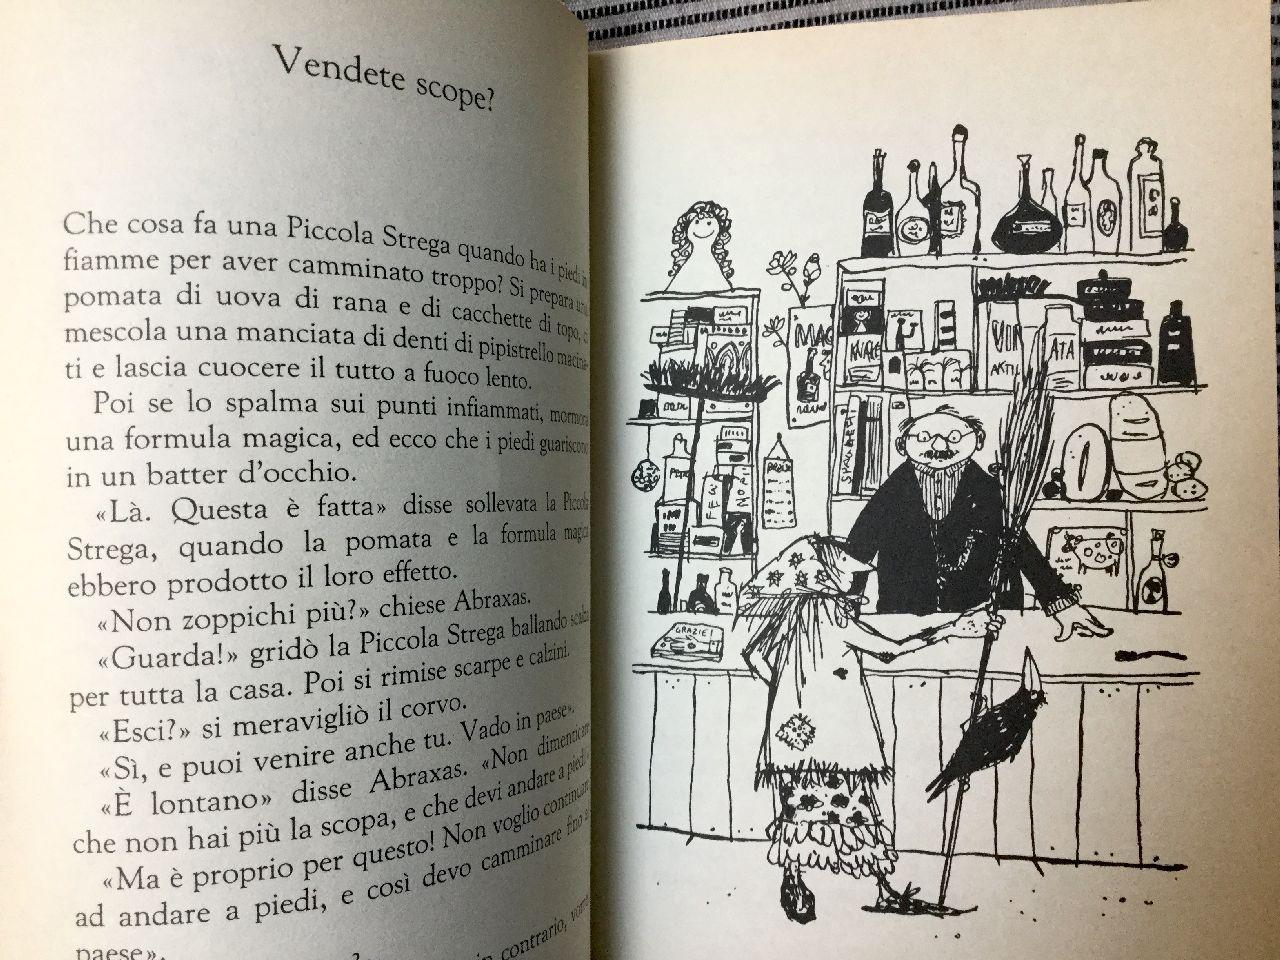 Otfried Preussler, La piccola strega, Salani